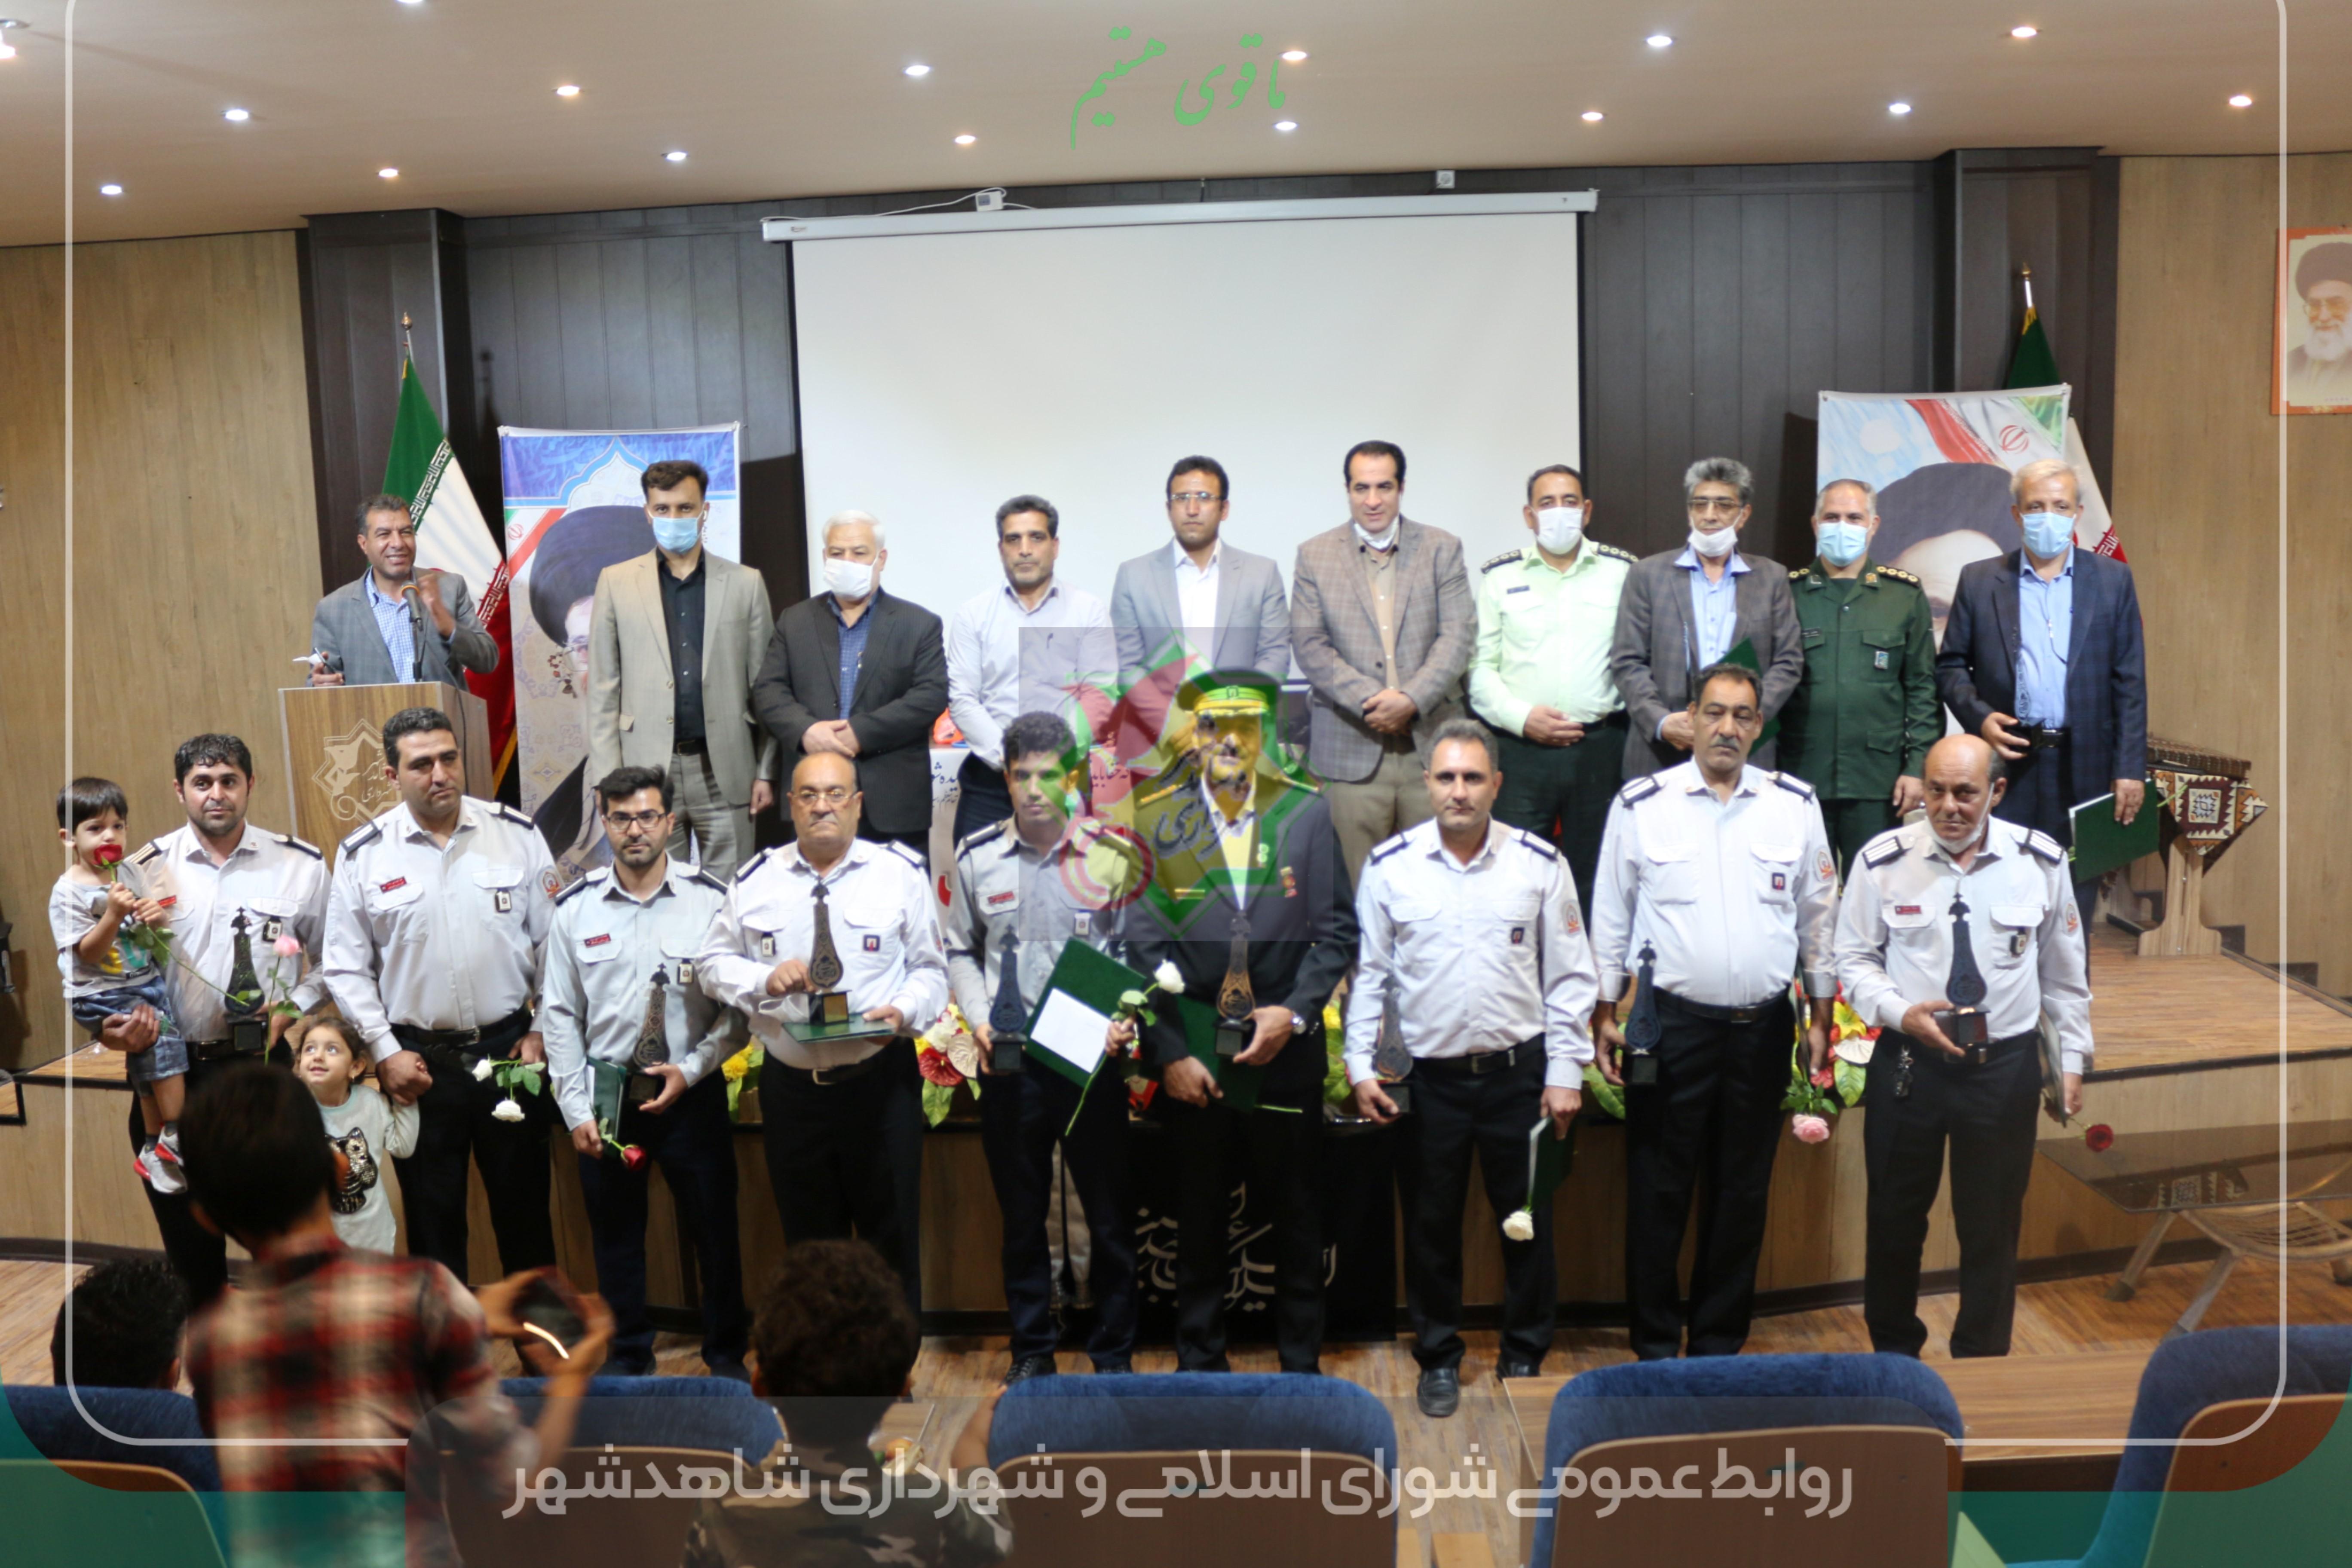 گرامیداشت ۷مهر روز آتش نشانی وایمنی در شهرداری شاهدشهر